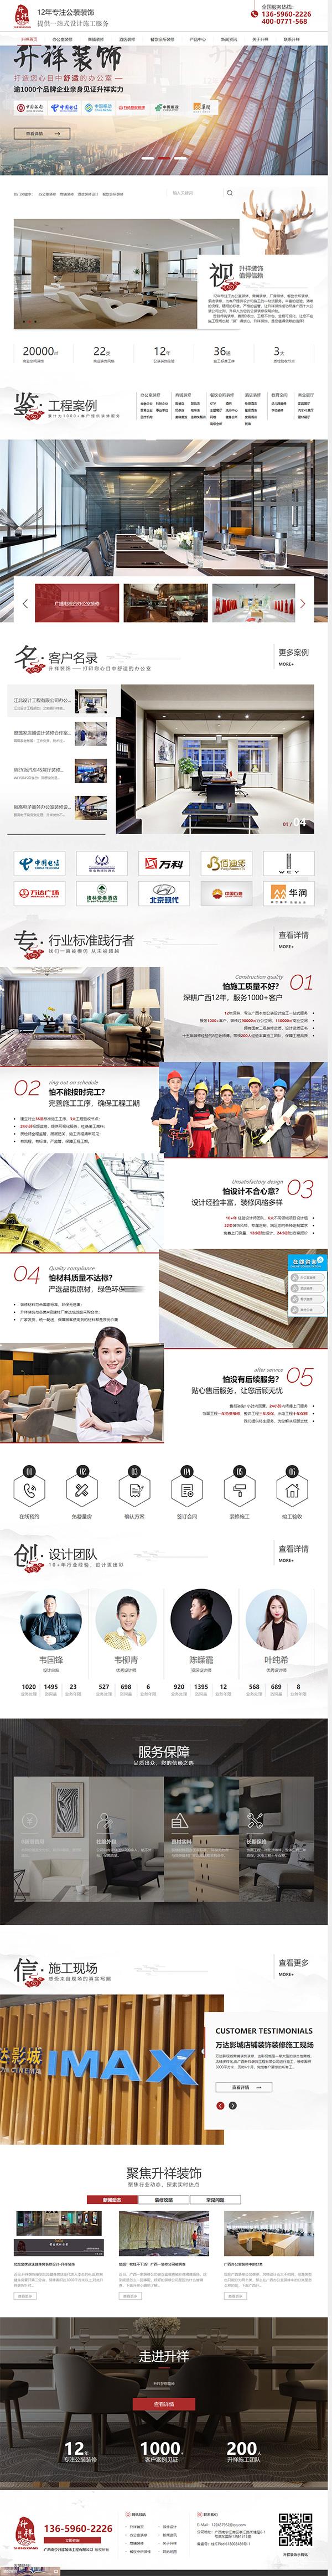 升祥装饰营销型网站案例展示